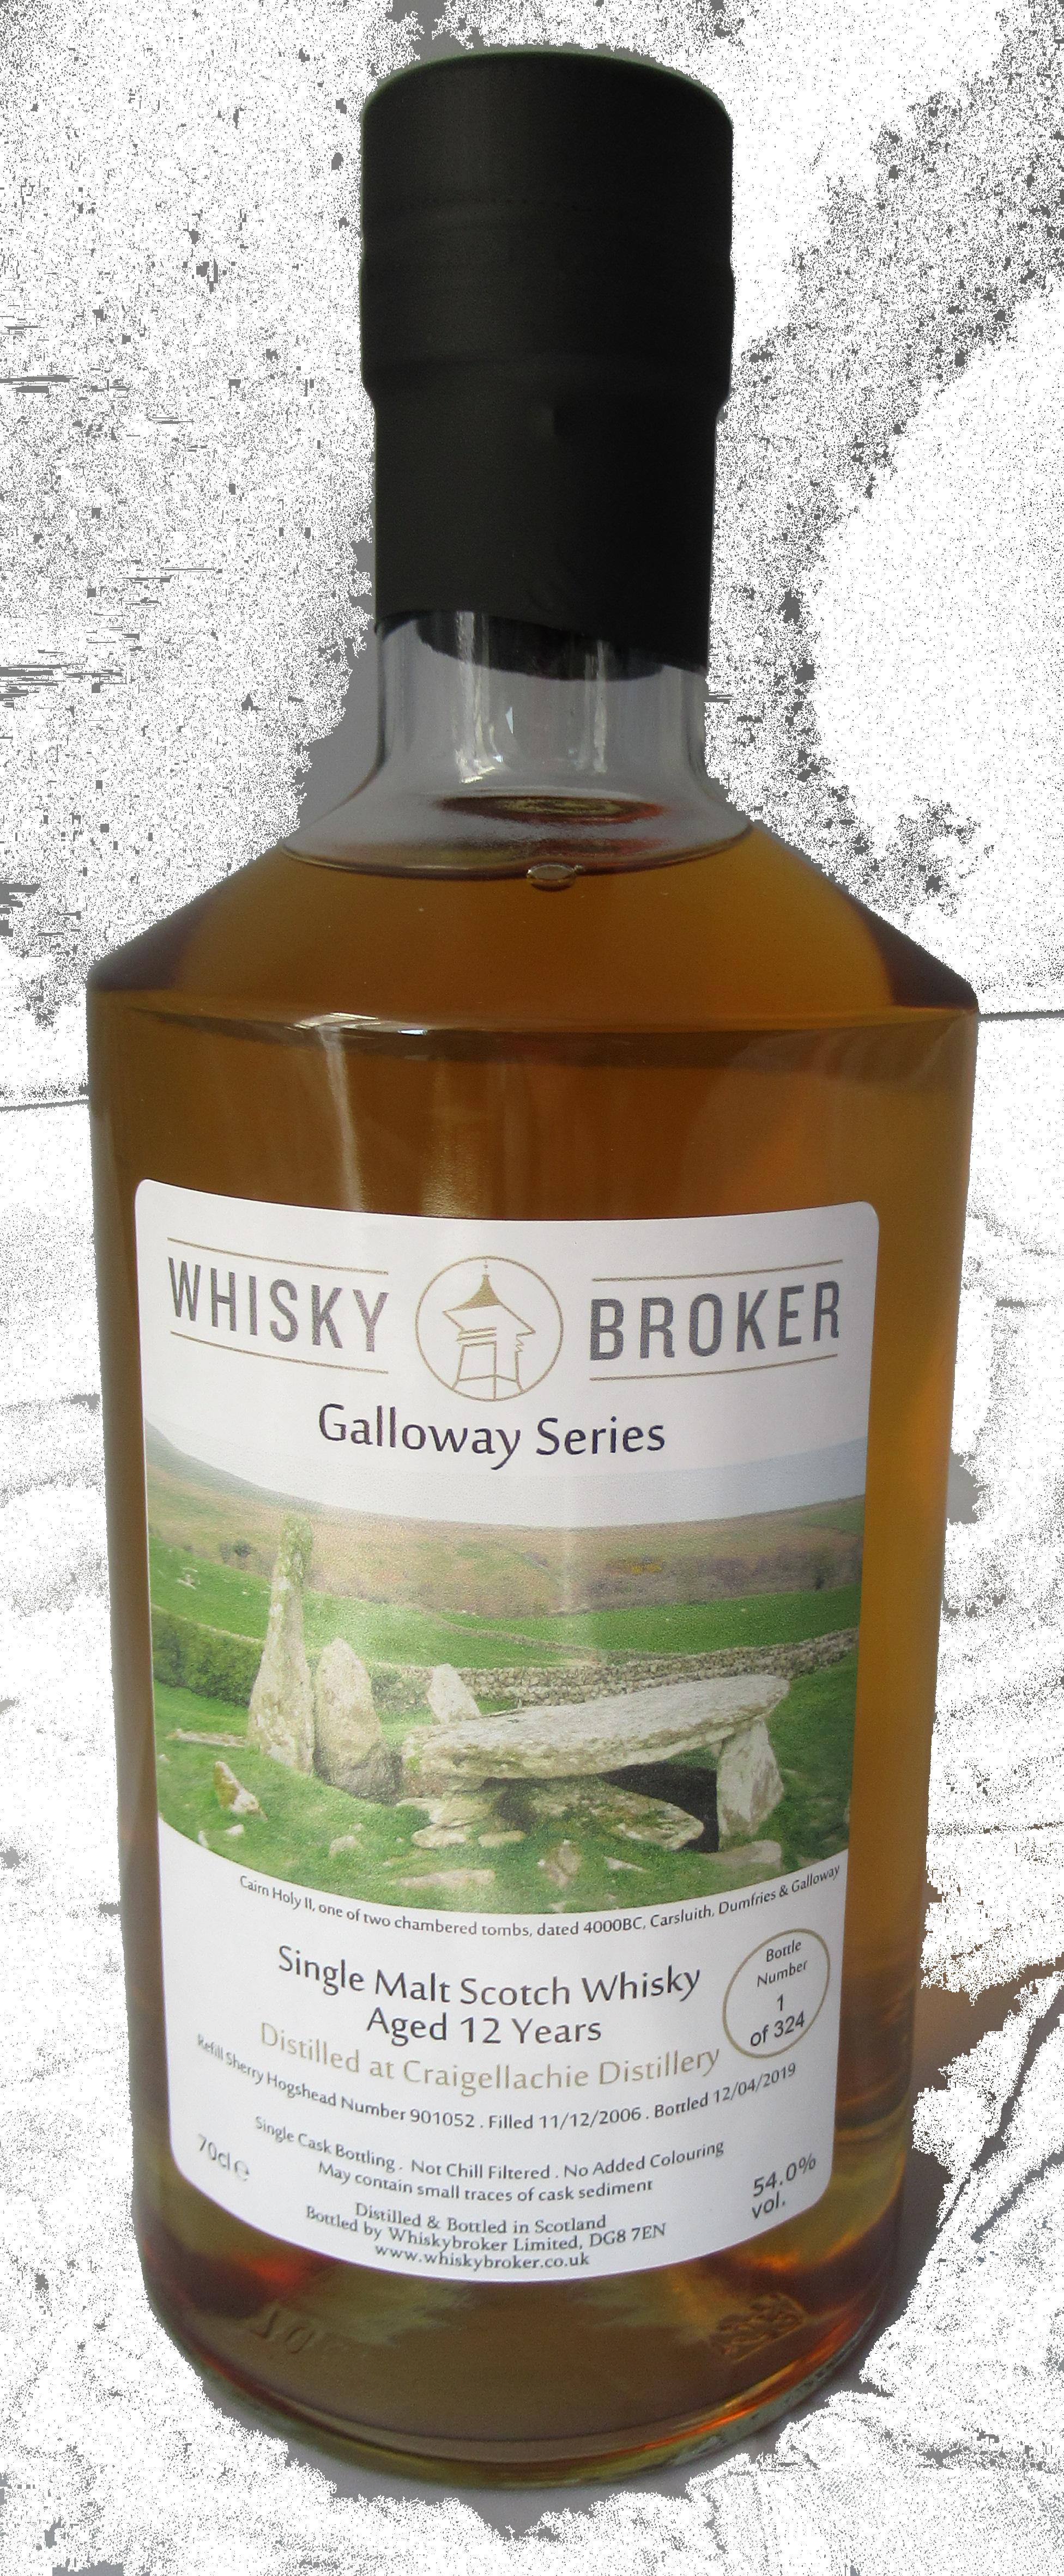 70cl, 12yo Distilled at Craigellachie Distillery